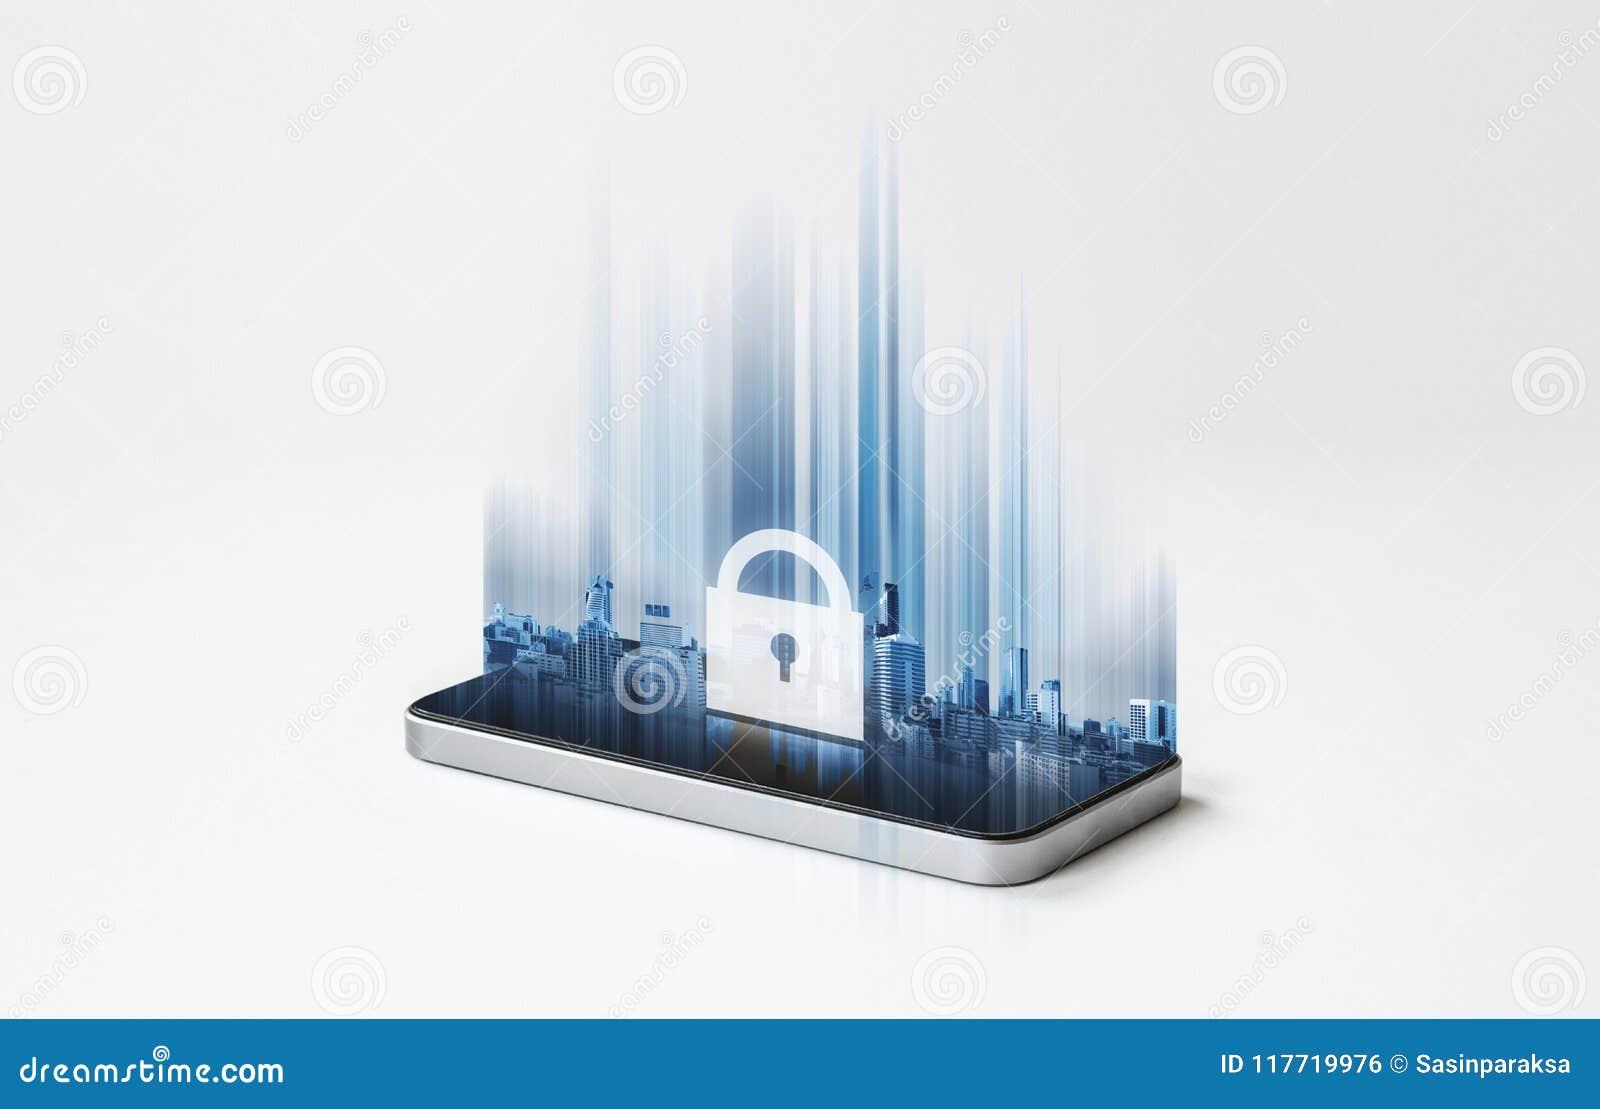 Sistema Di Sicurezza Del Telefono Cellulare, Smart Phone ...